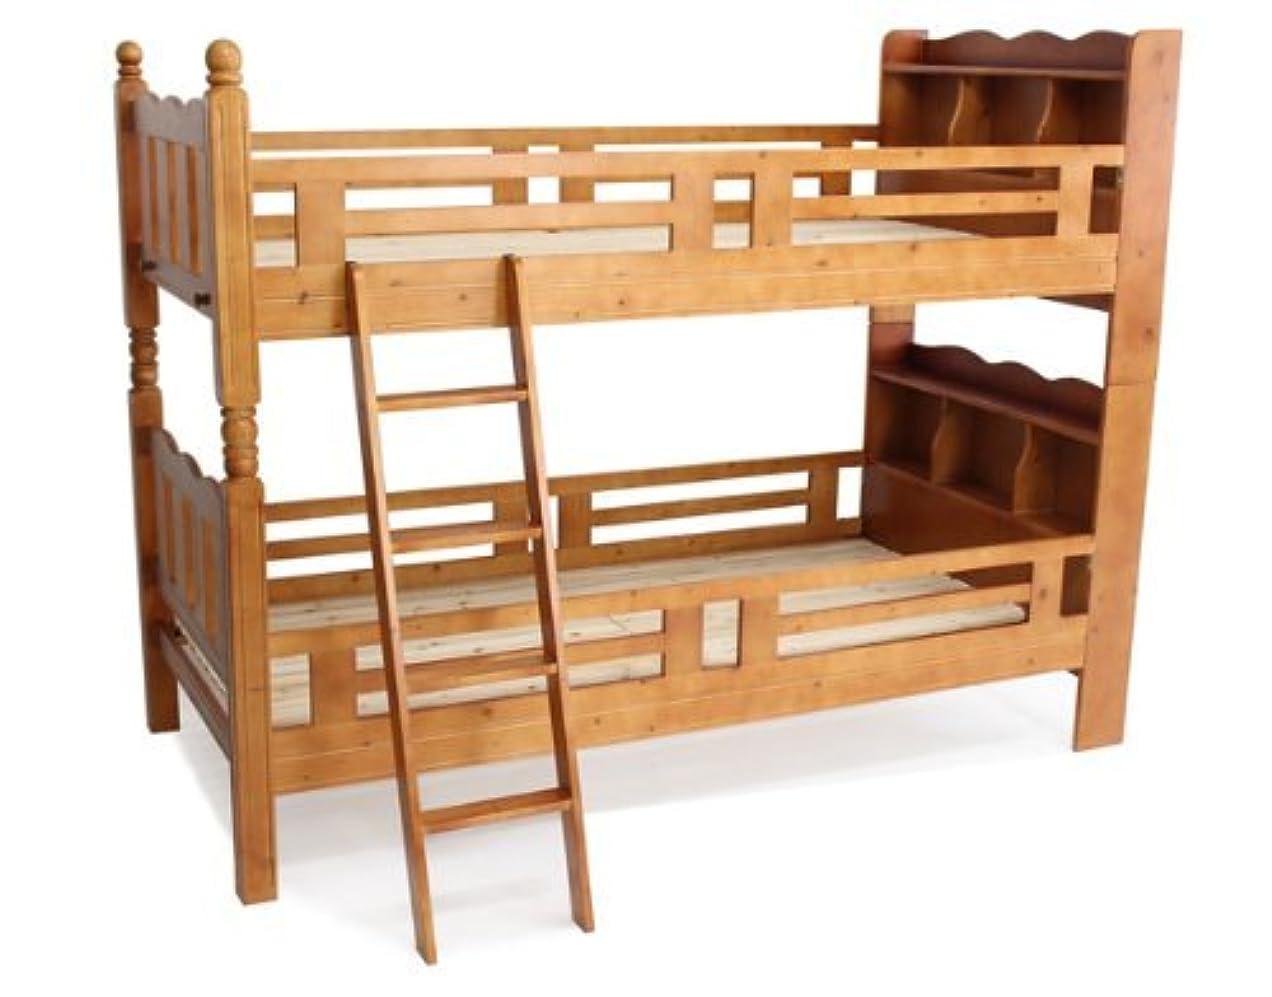 叱る必要性発揮する宮付き二段ベッド 二段ベッド 2段ベッド シングルベッド すのこベッド 木製 二段 ベット 2段ベット ブラウン